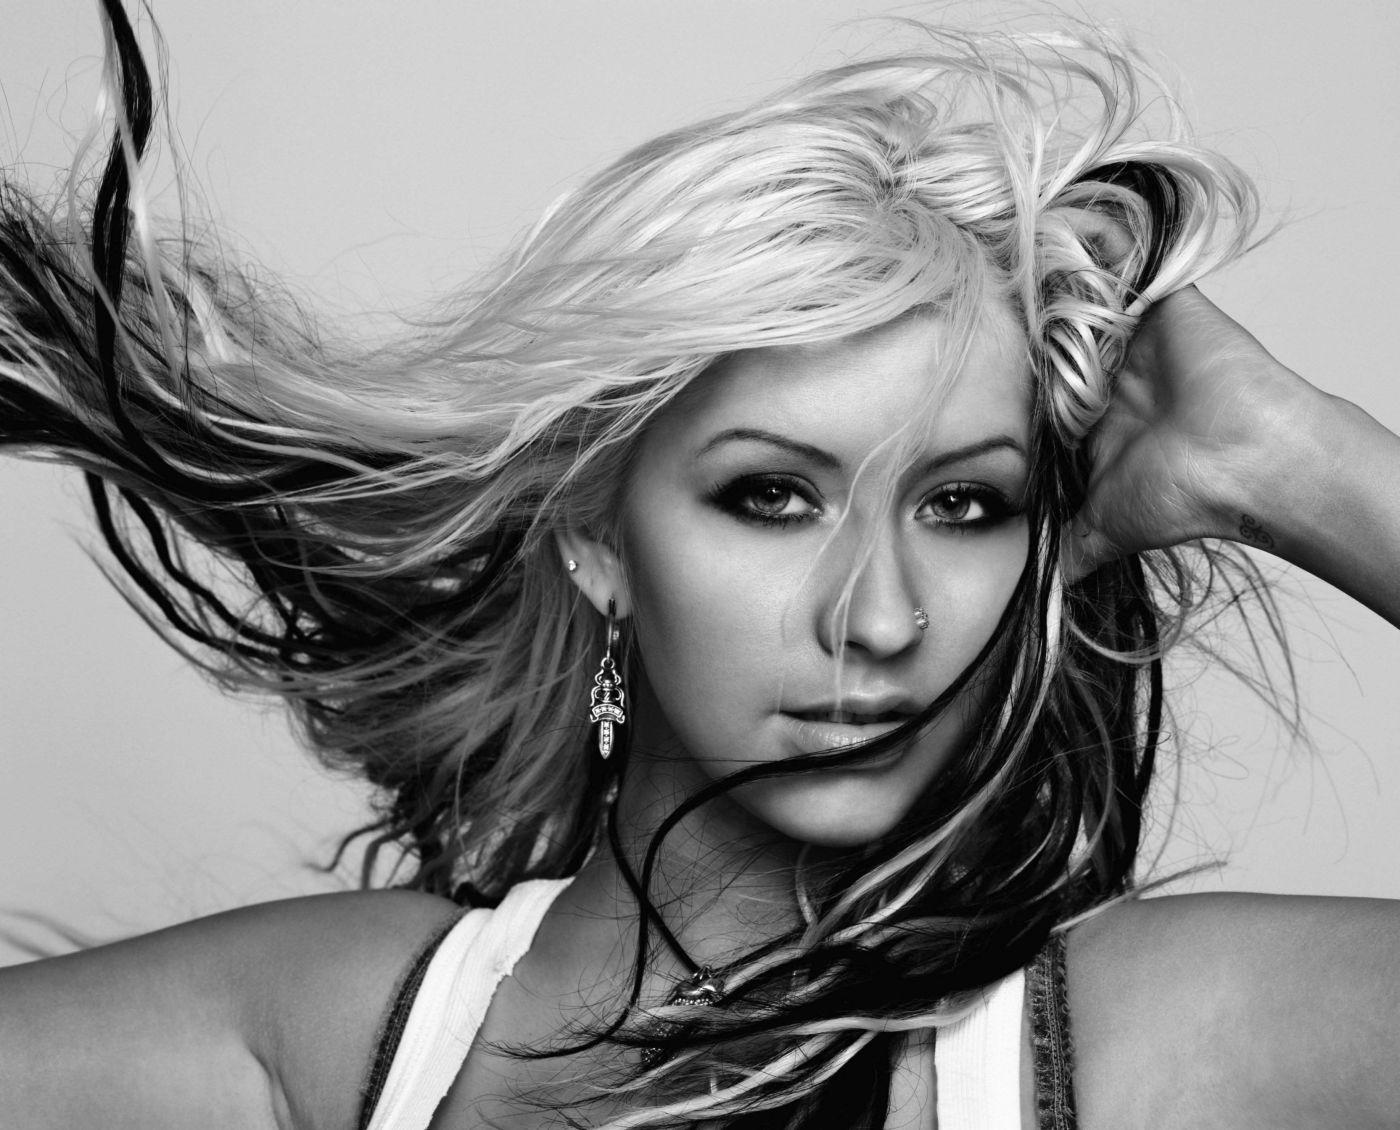 http://1.bp.blogspot.com/-Qv77w_K5CwA/Ty0q1S2ddbI/AAAAAAAAGWs/lcR0r3DNefY/s1600/Christina+Aguilera+Hair+Color+18.jpg